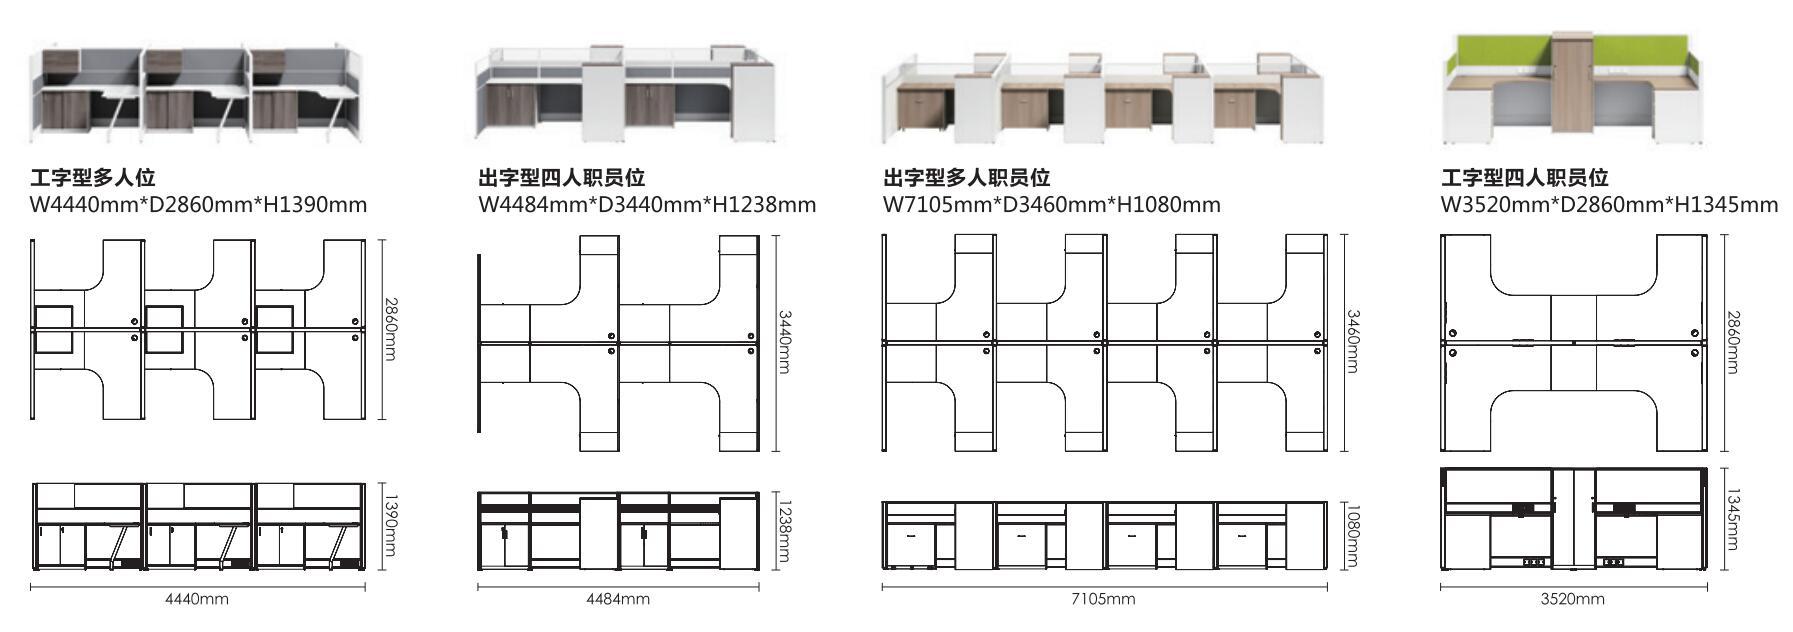 Thick&Thin系列带衣柜床柜8人组合友博国际棋牌尺寸图